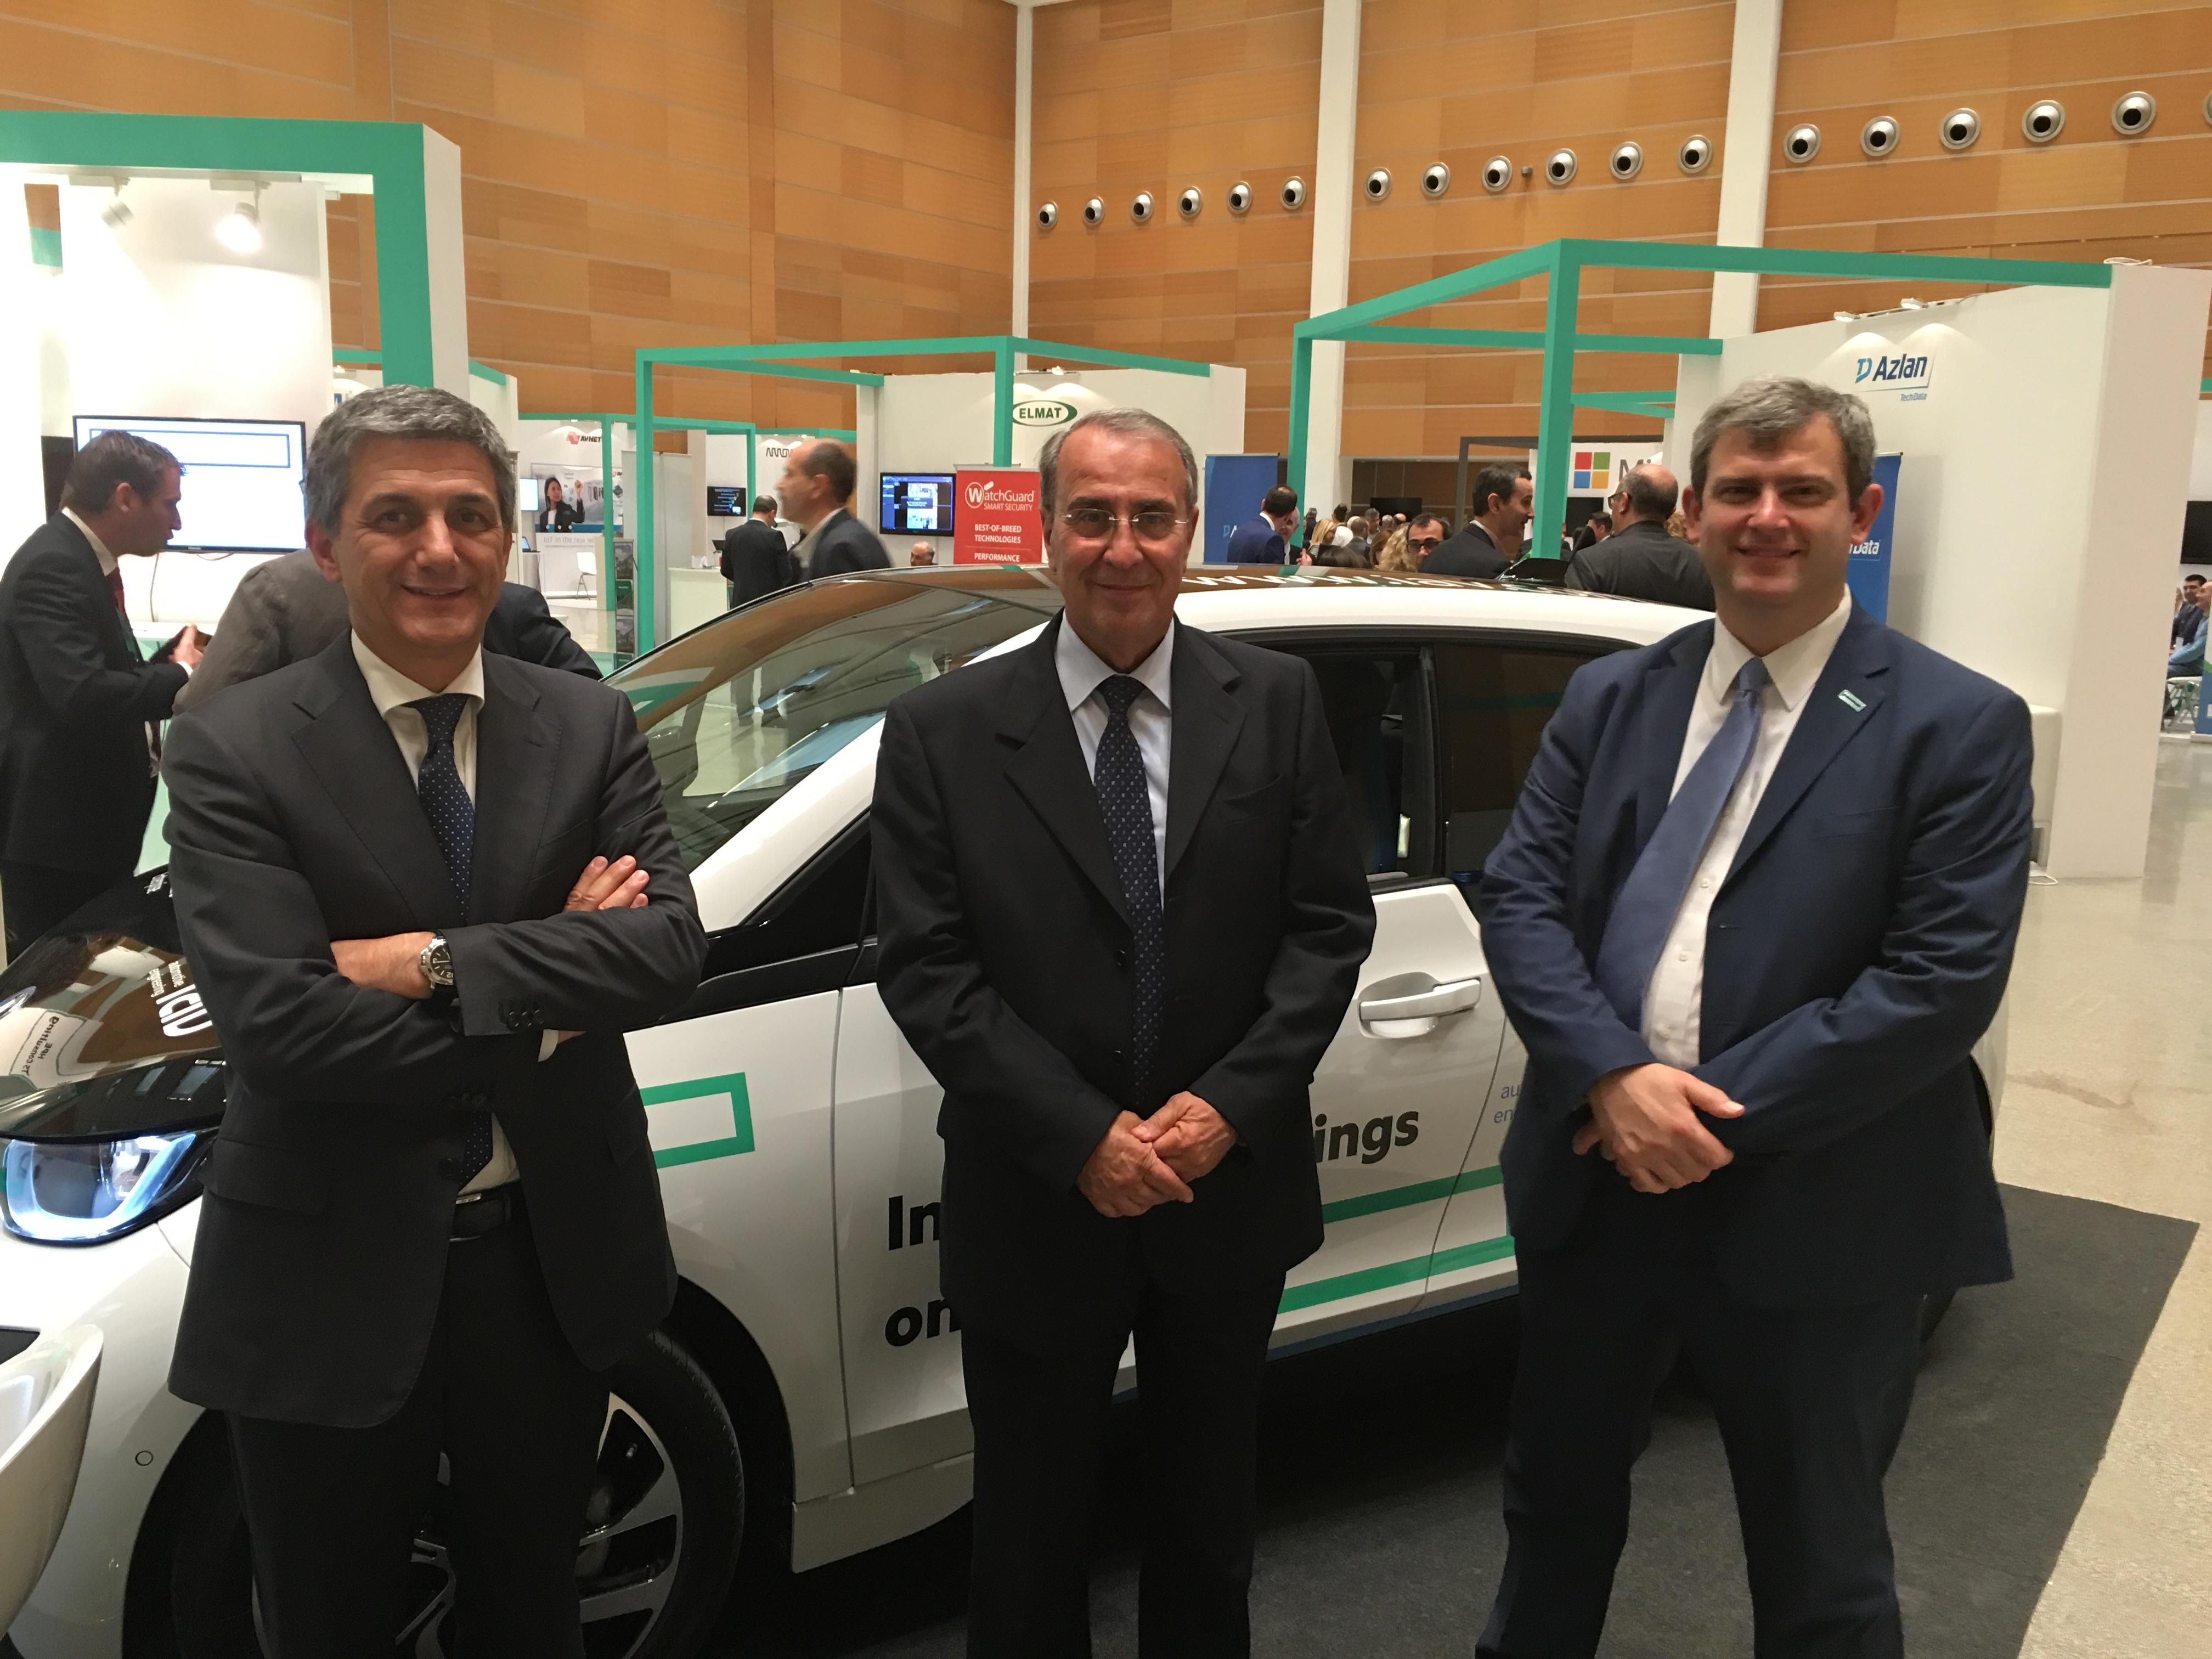 Da sinistra a destra, Stefano Venturi di HPE, Paolo Castellacci di Computer Gross e Paolo Delgrosso di HPE